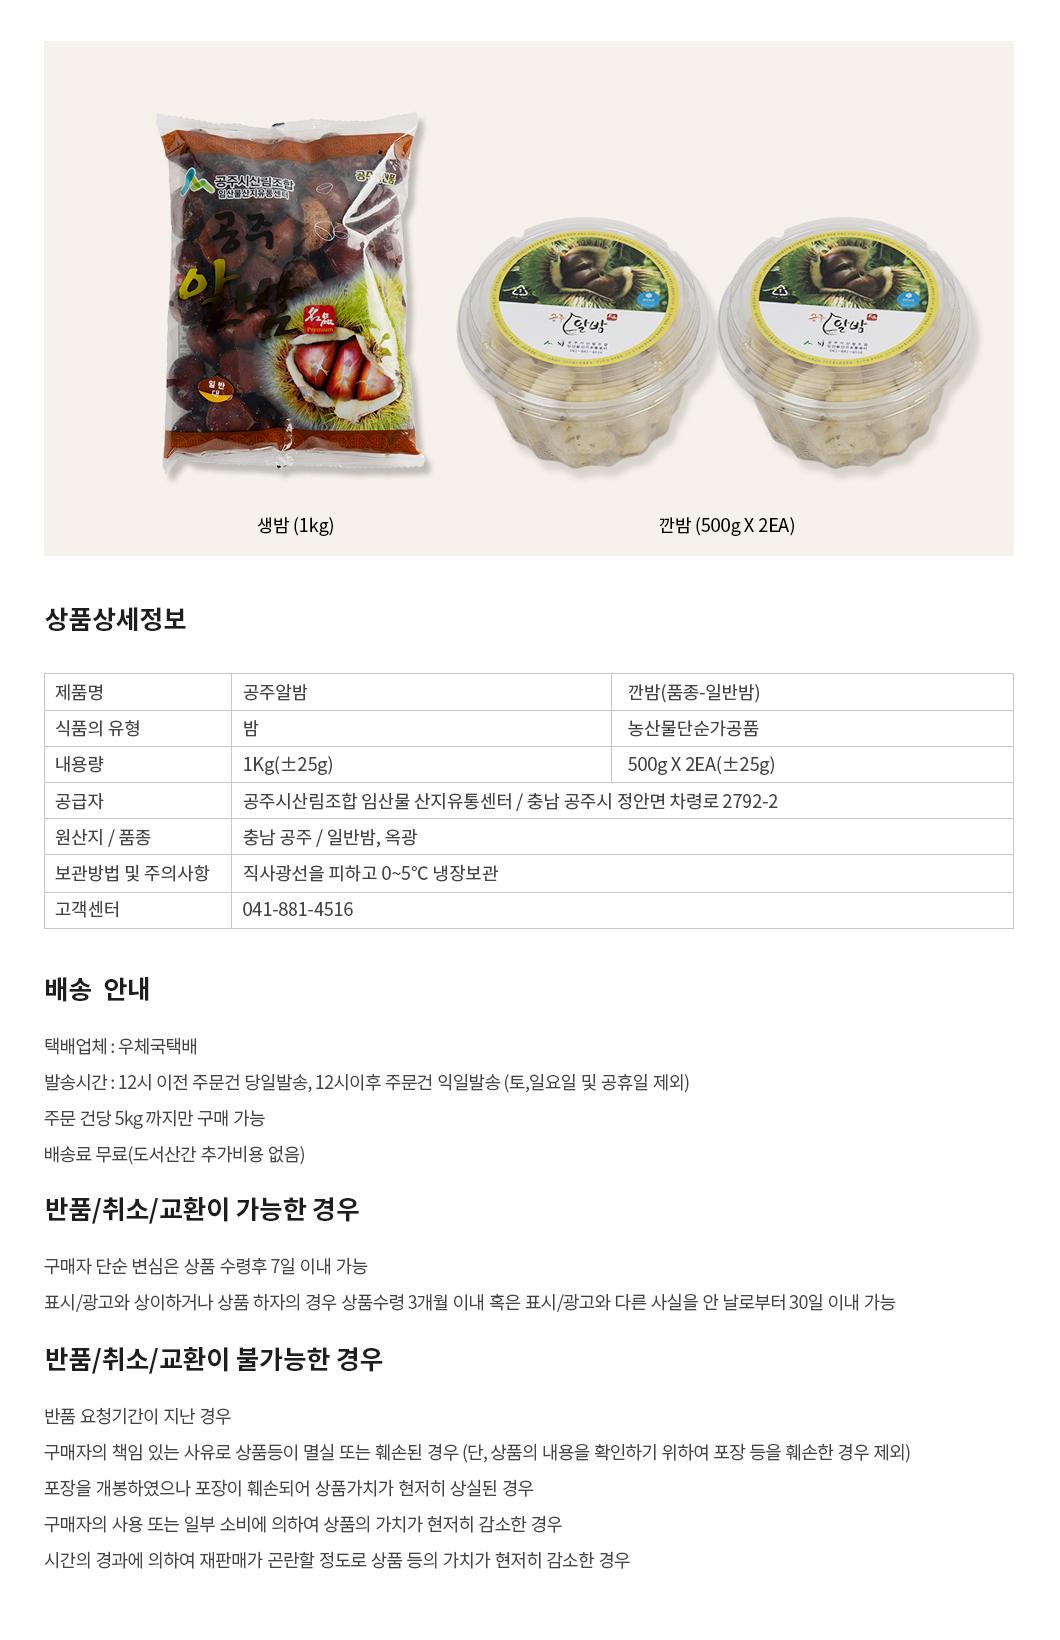 공주알밤-상품정보.jpg